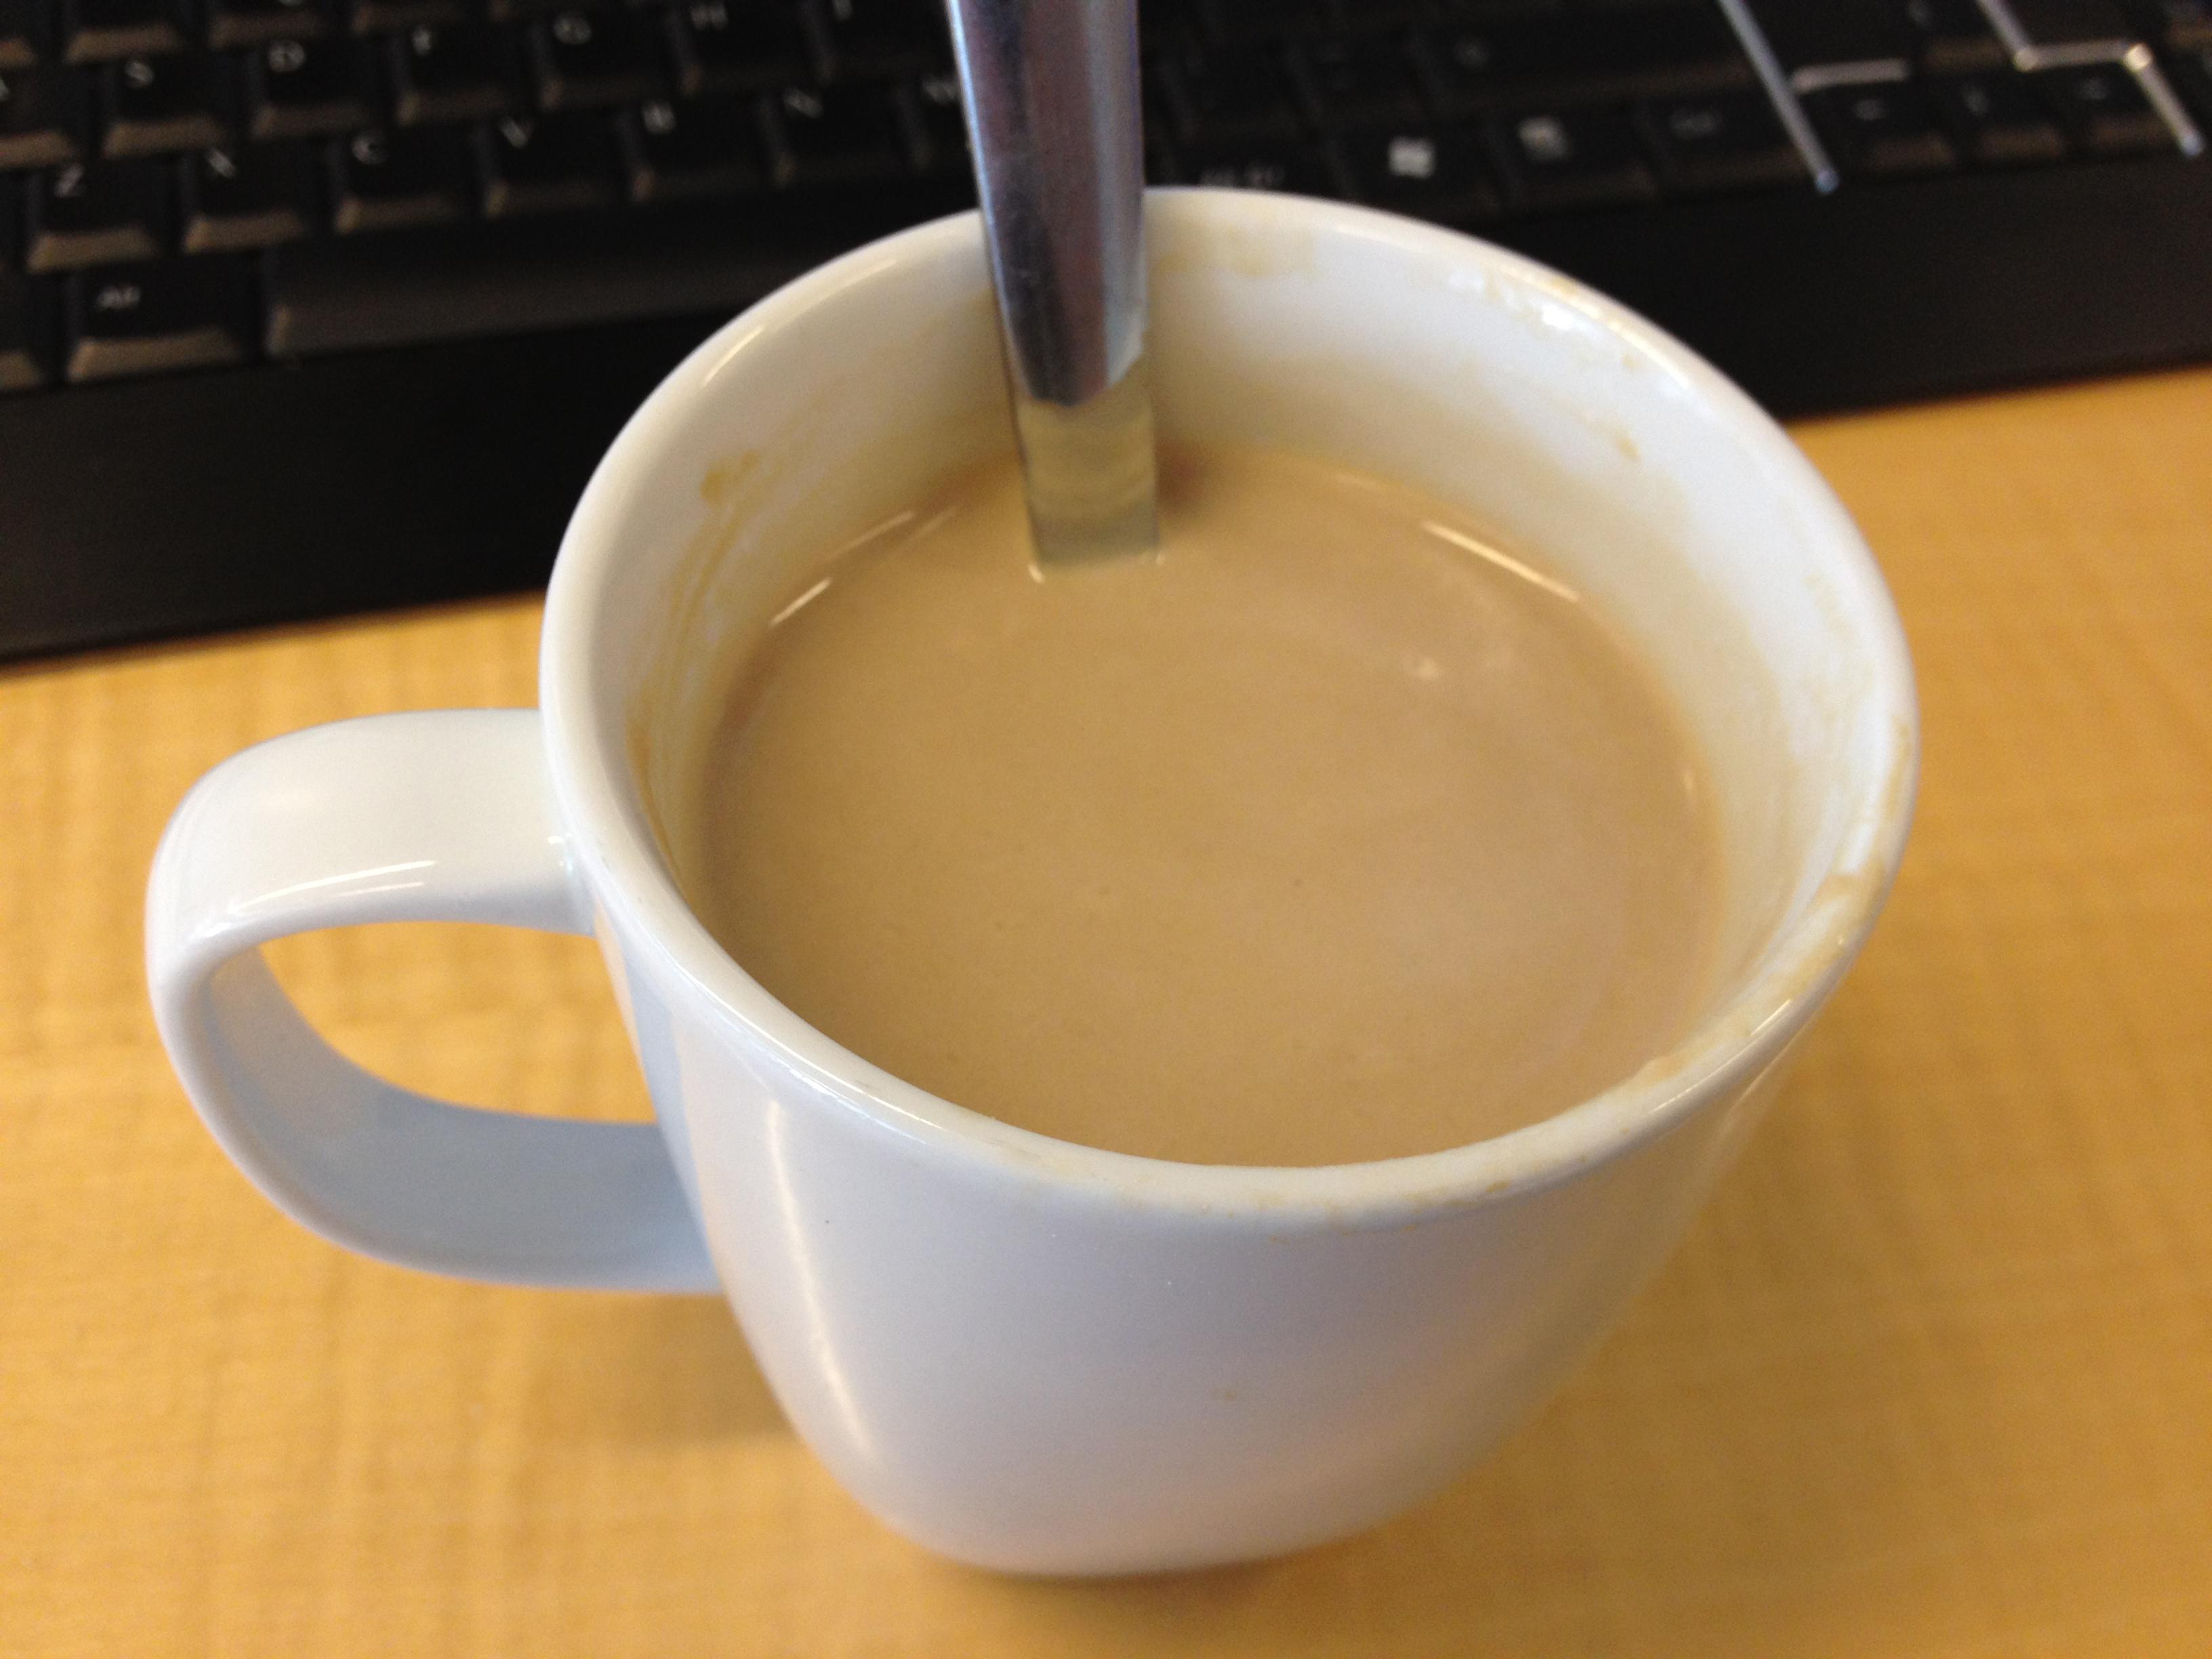 proteinpulver kaffe latte